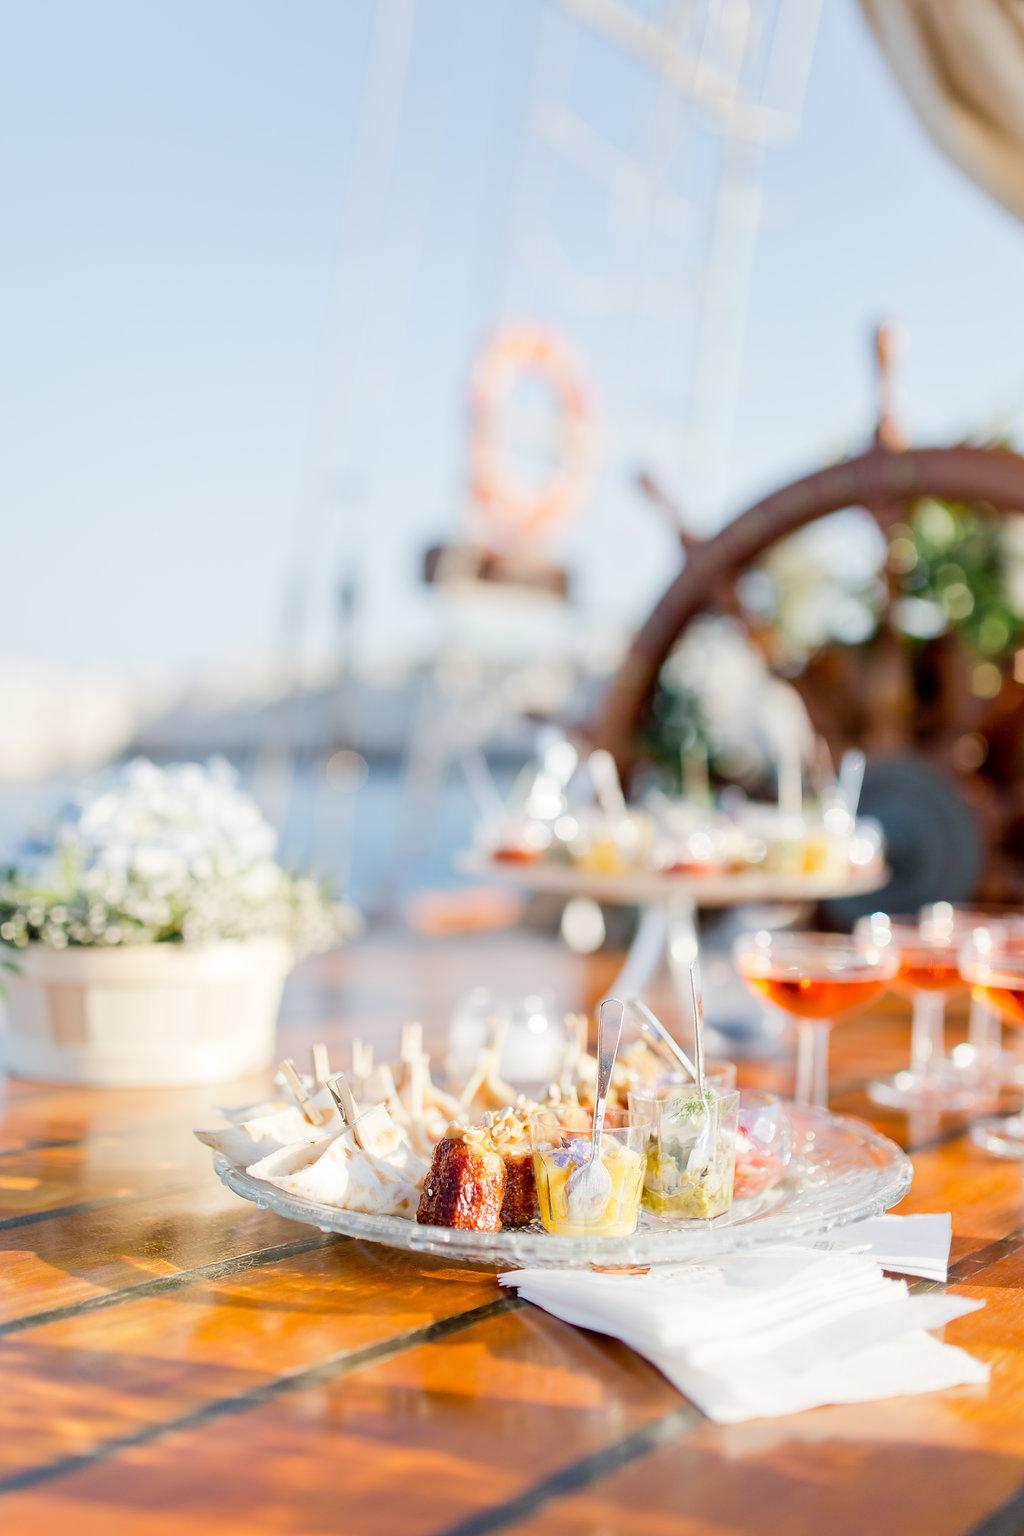 le coeur dans les etoiles - wedding planner - provence - sardaigne - shooting inspiration - mariage voilier - audrey carnoy - cocktail 1